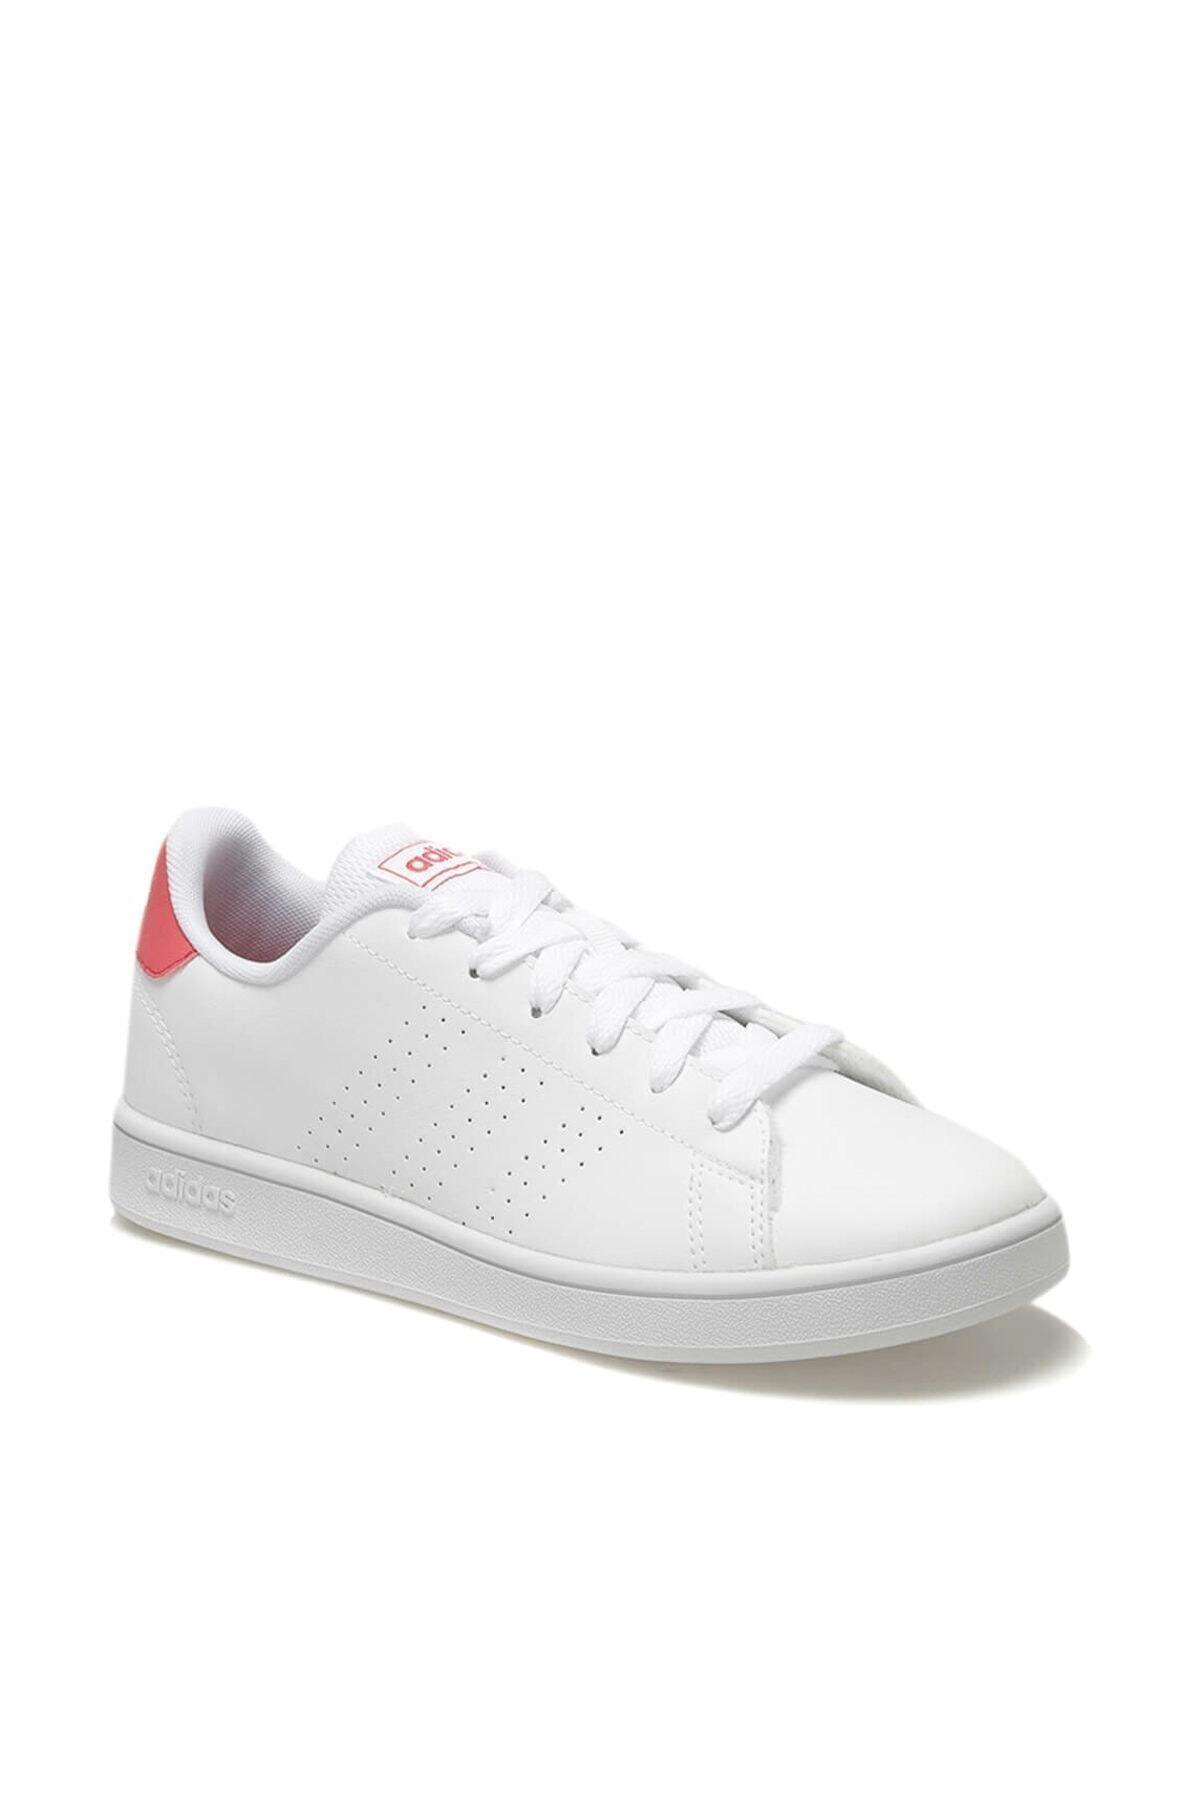 adidas ADVANTAGE K Beyaz Kız Çocuk Sneaker Ayakkabı 100479436 1